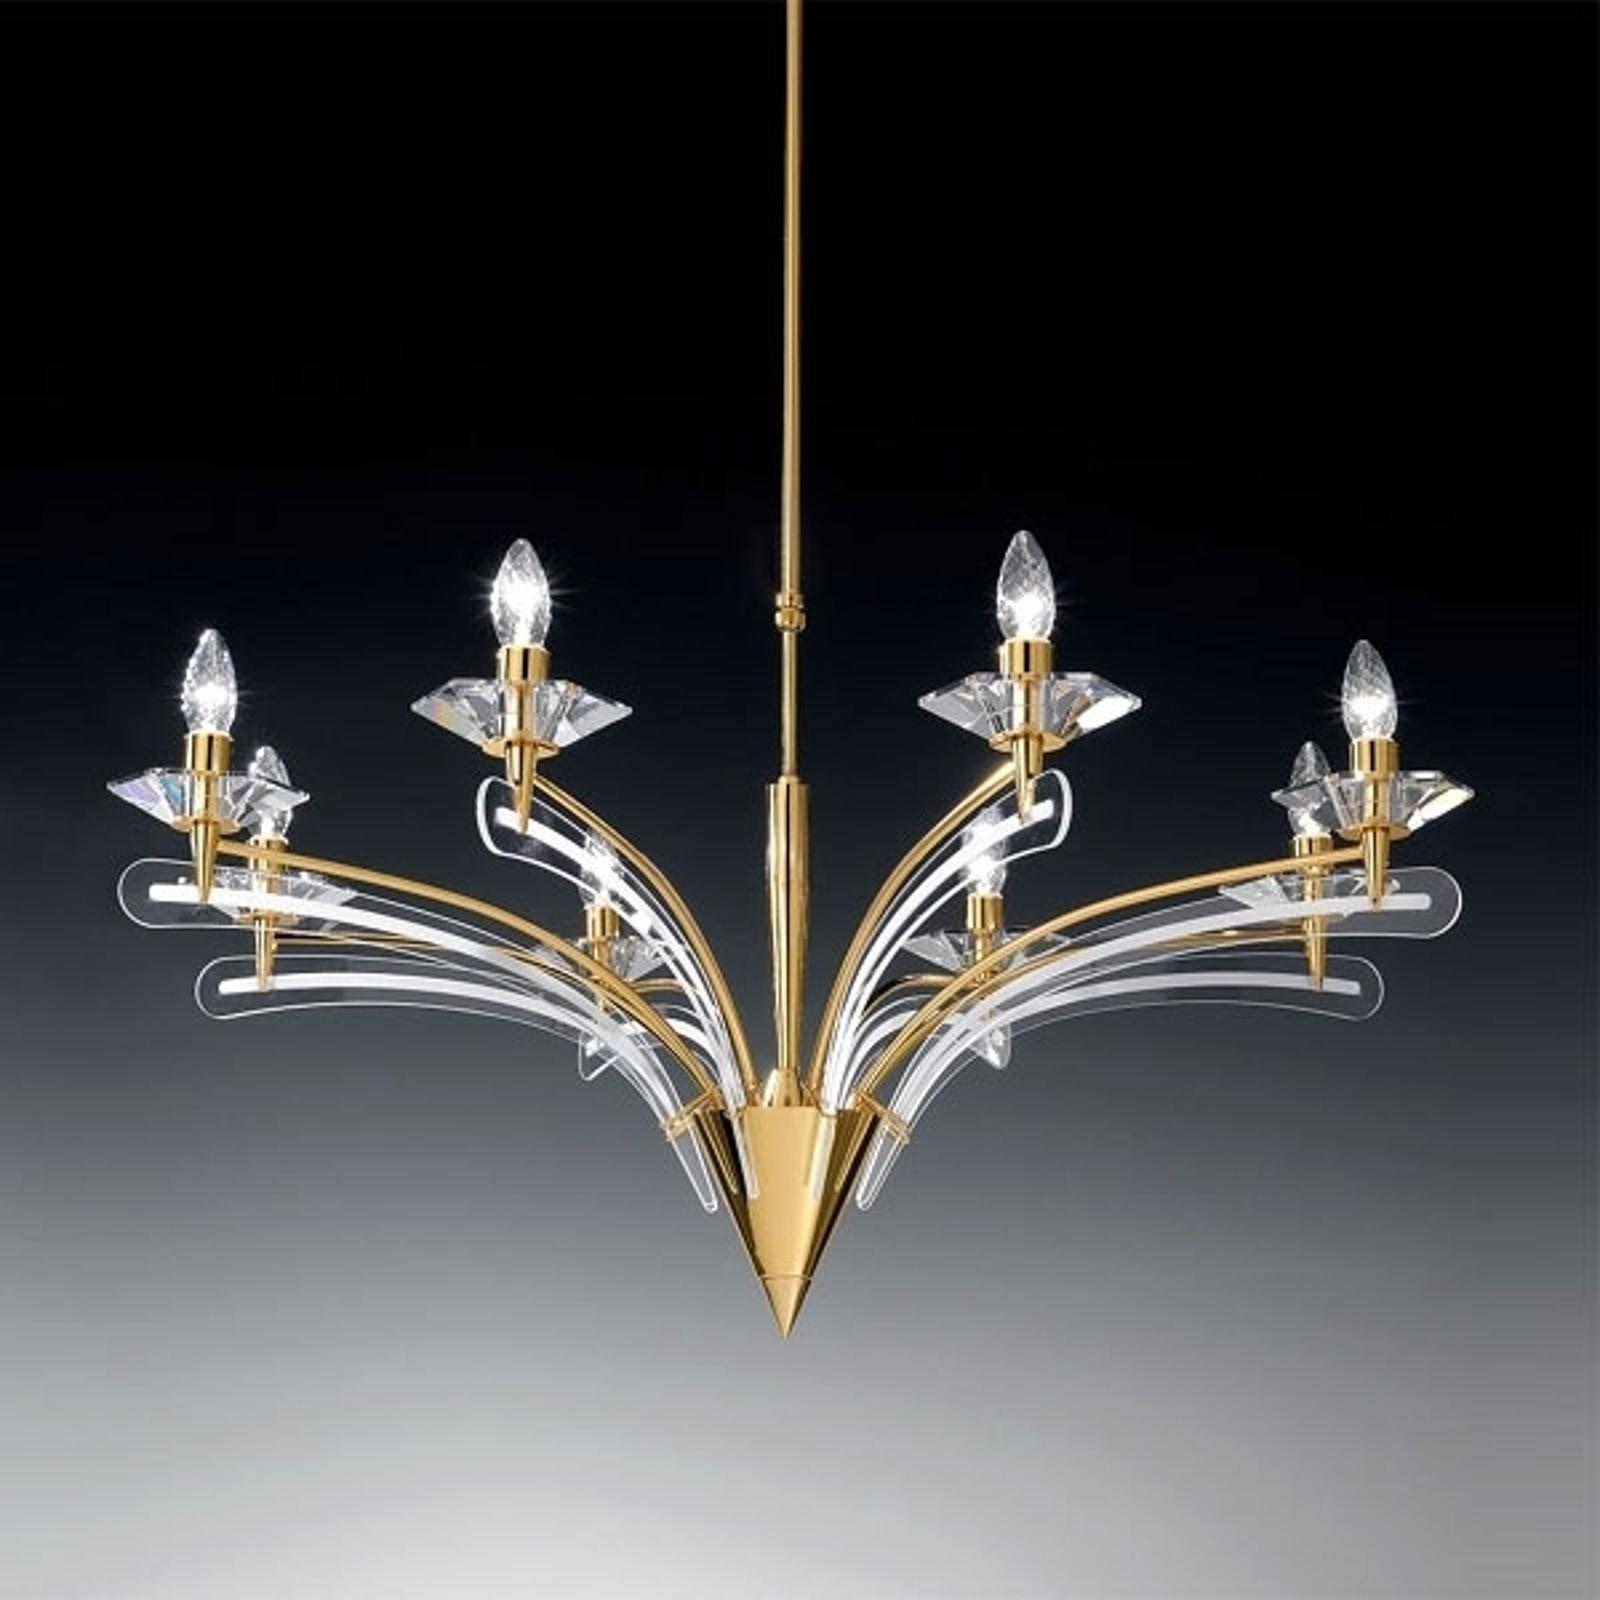 Żyrandol ICARO ze szkłem kryształowym, 8-p., złoty